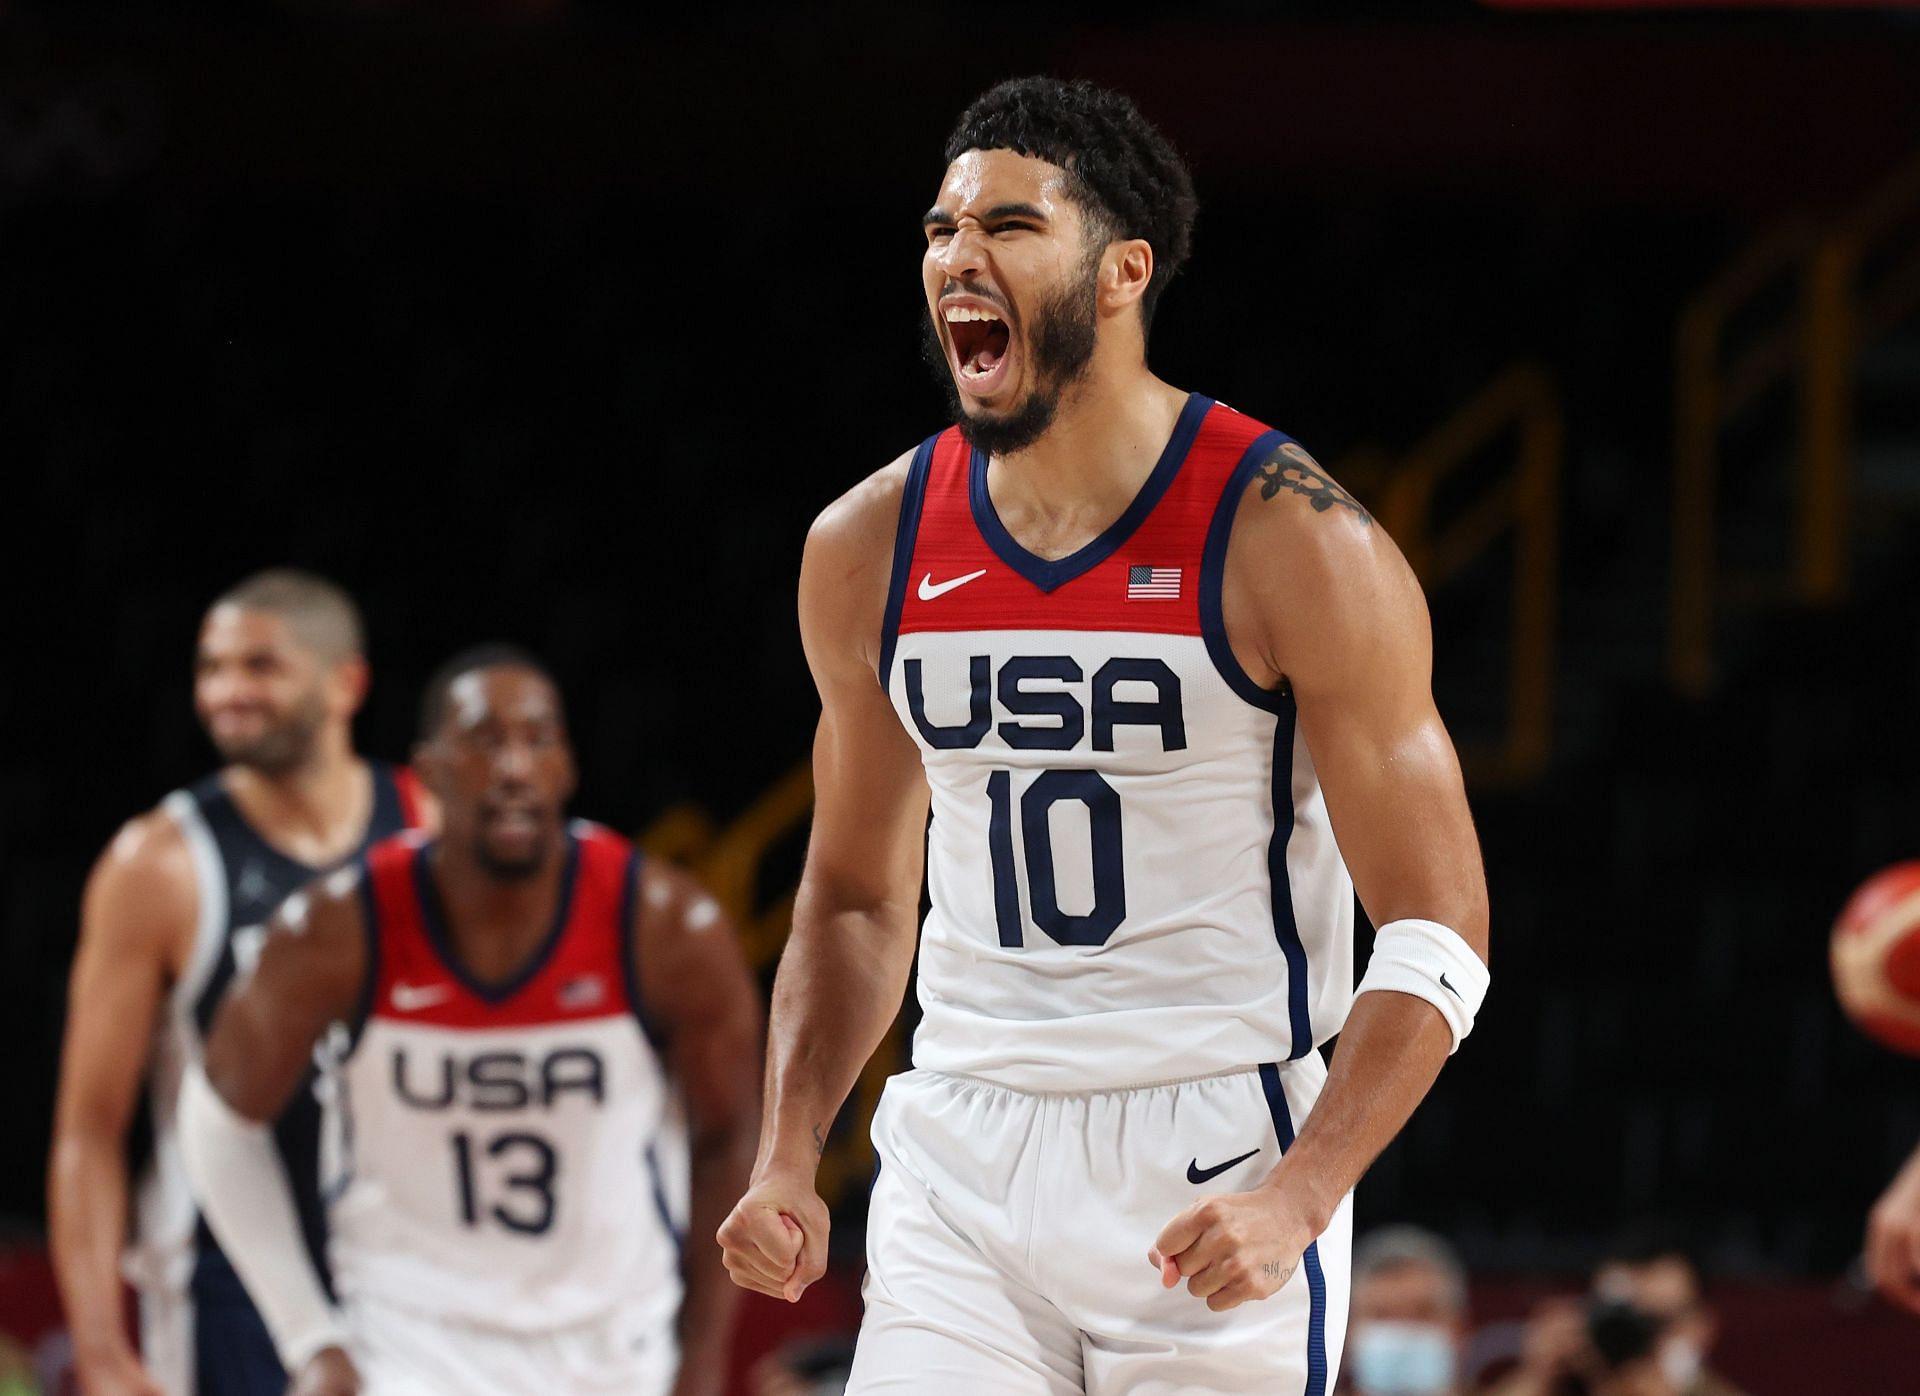 संयुक्त राज्य अमेरिका बनाम फ्रांस पुरुषों की बास्केटबॉल - ओलंपिक: दिन 15